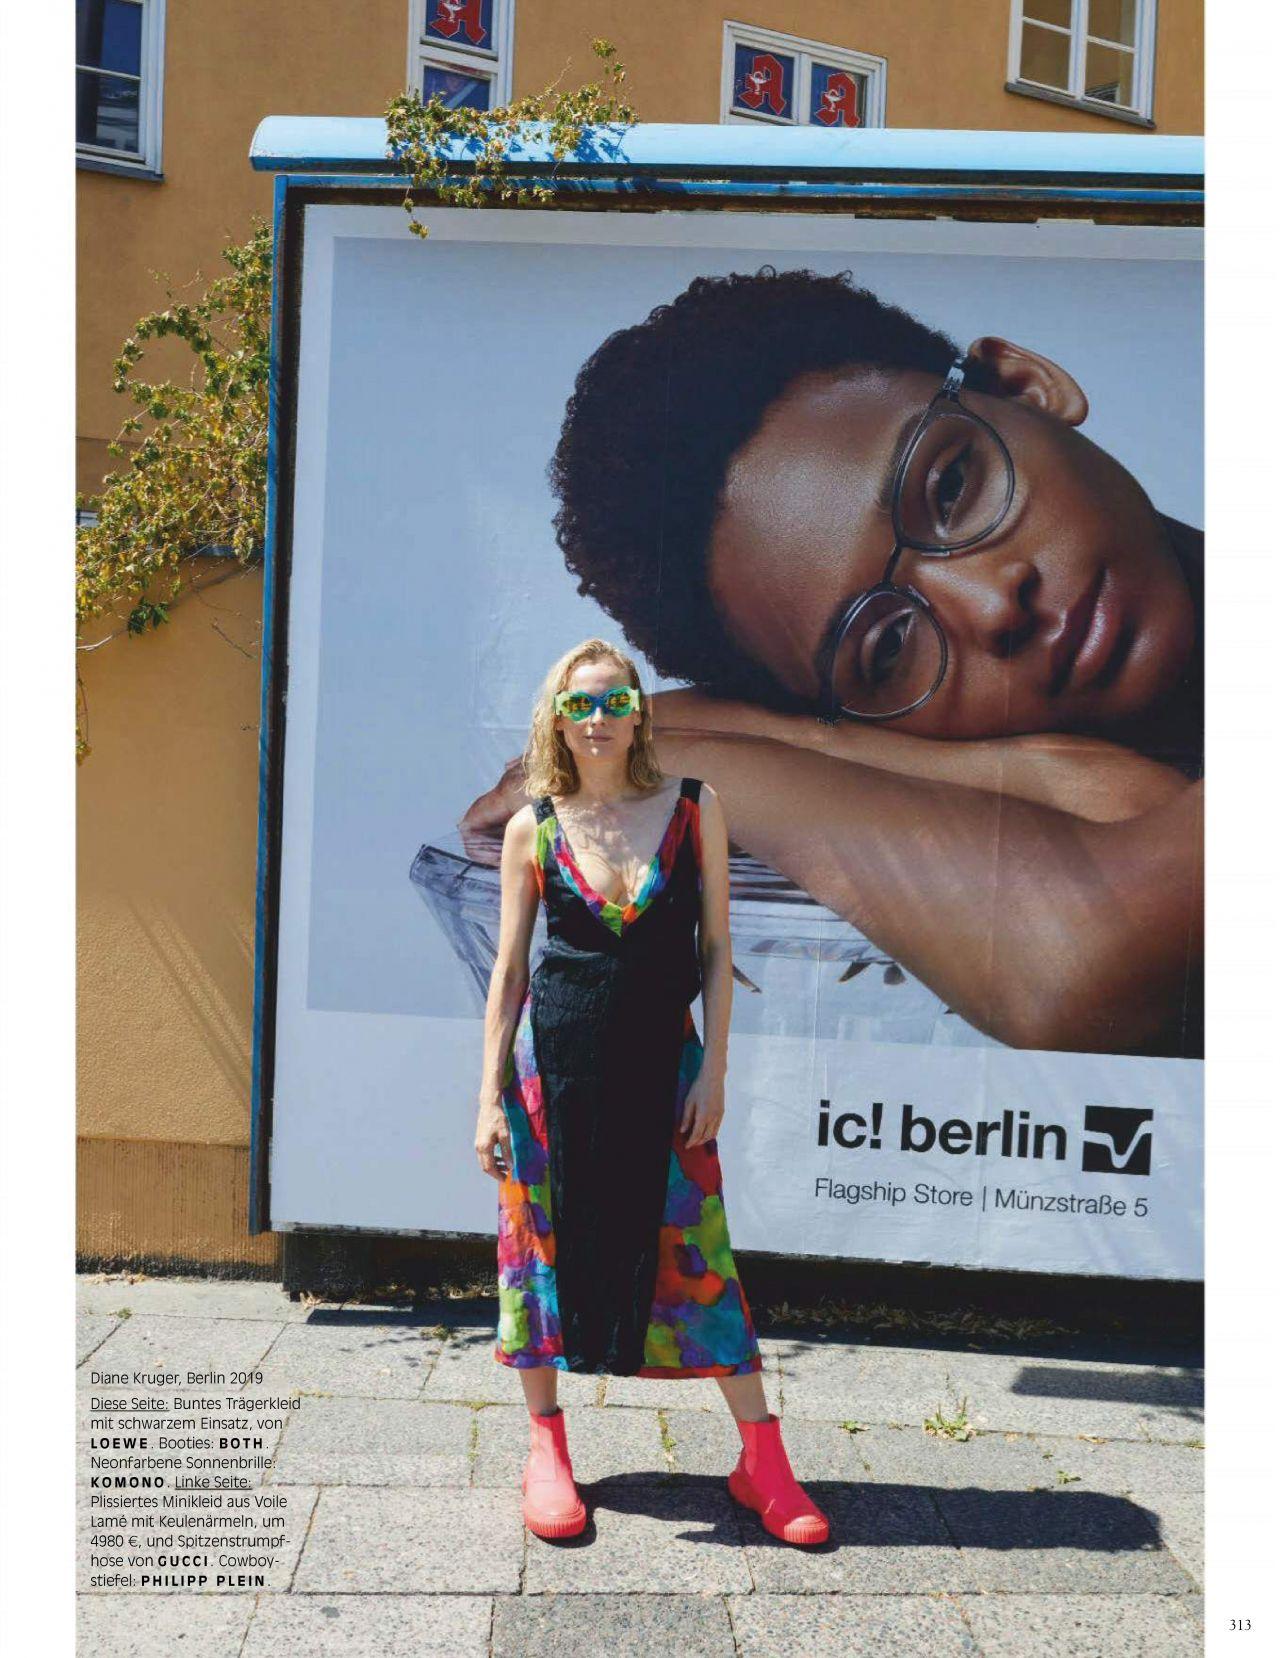 Диана Крюгер купается в фонтане в съемке немецкого Vogue (фото 8)